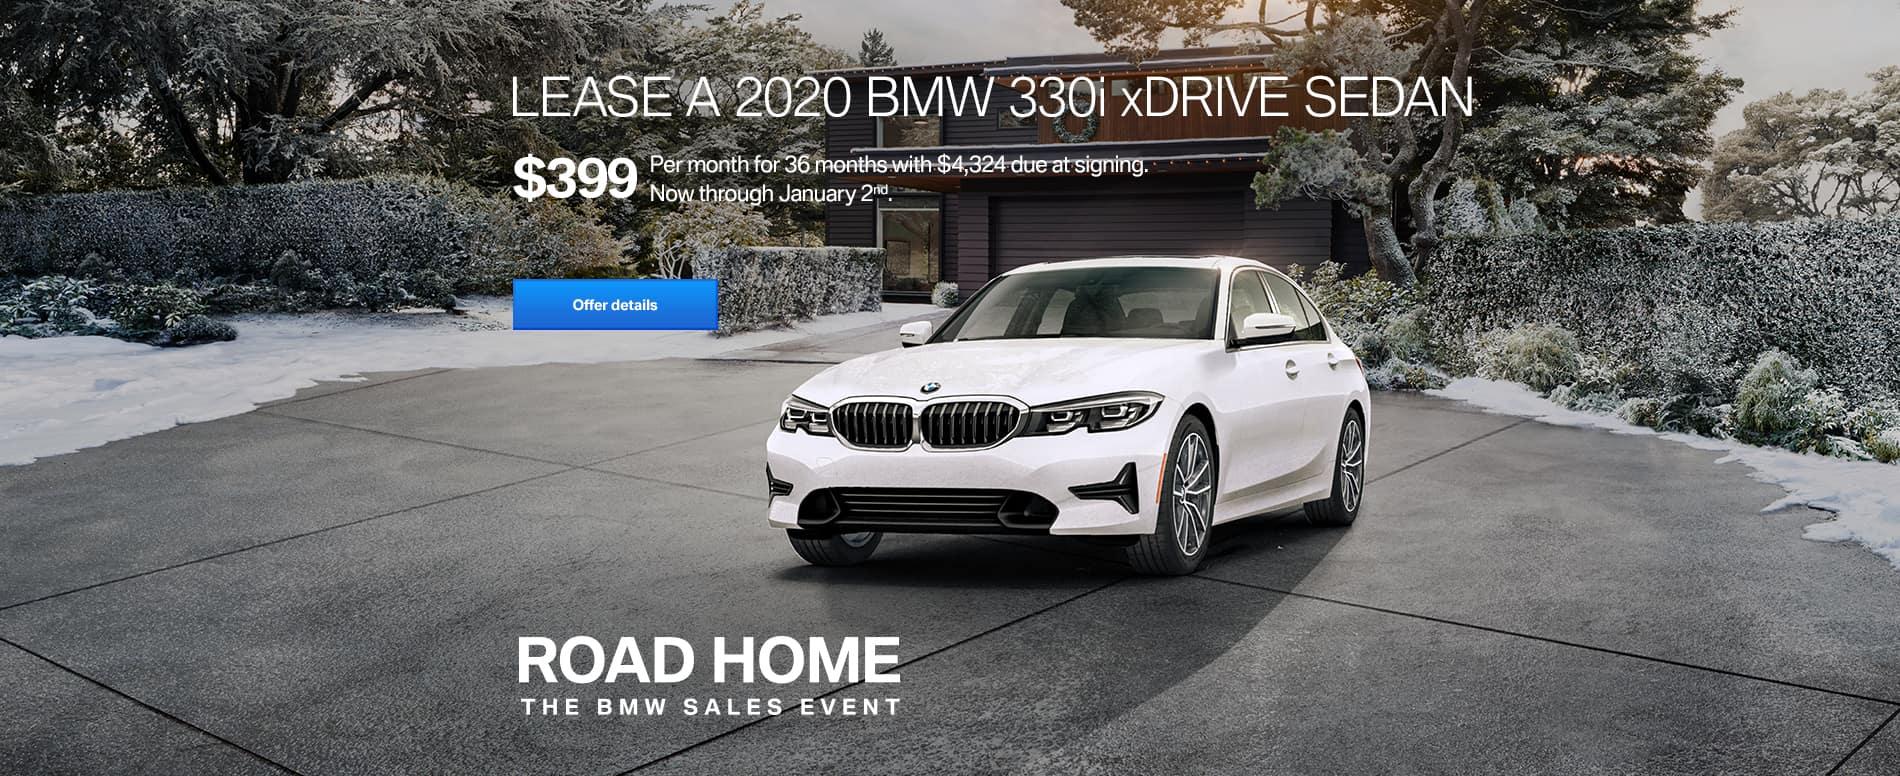 FMA4_DEC_PUSH_2020_BMW_330i_xDrive_399_4324_DAS